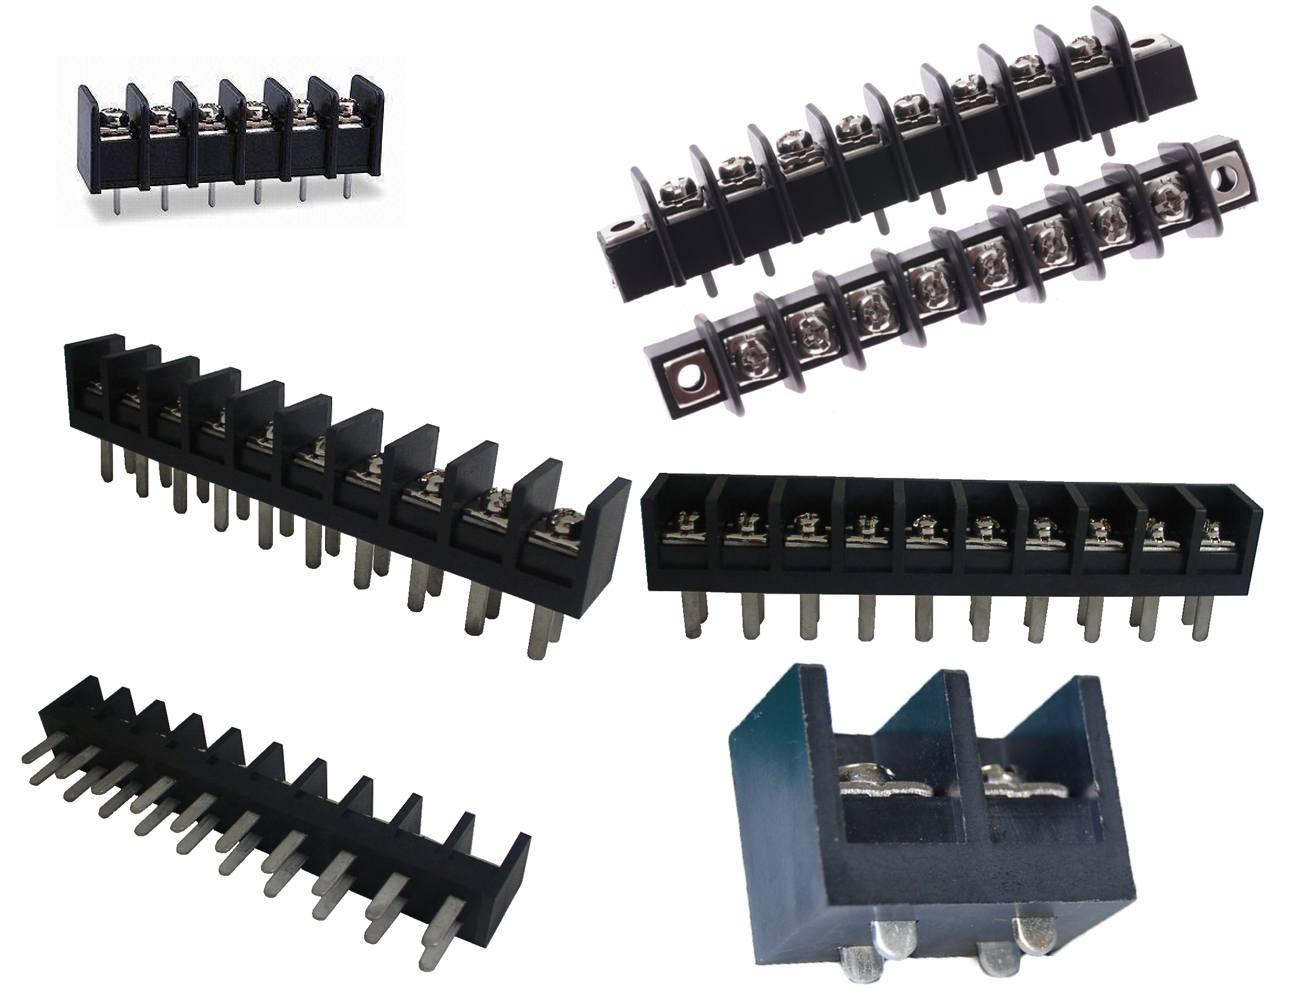 인쇄 회로 기판 단자대 - 인쇄 회로 기판 단자대